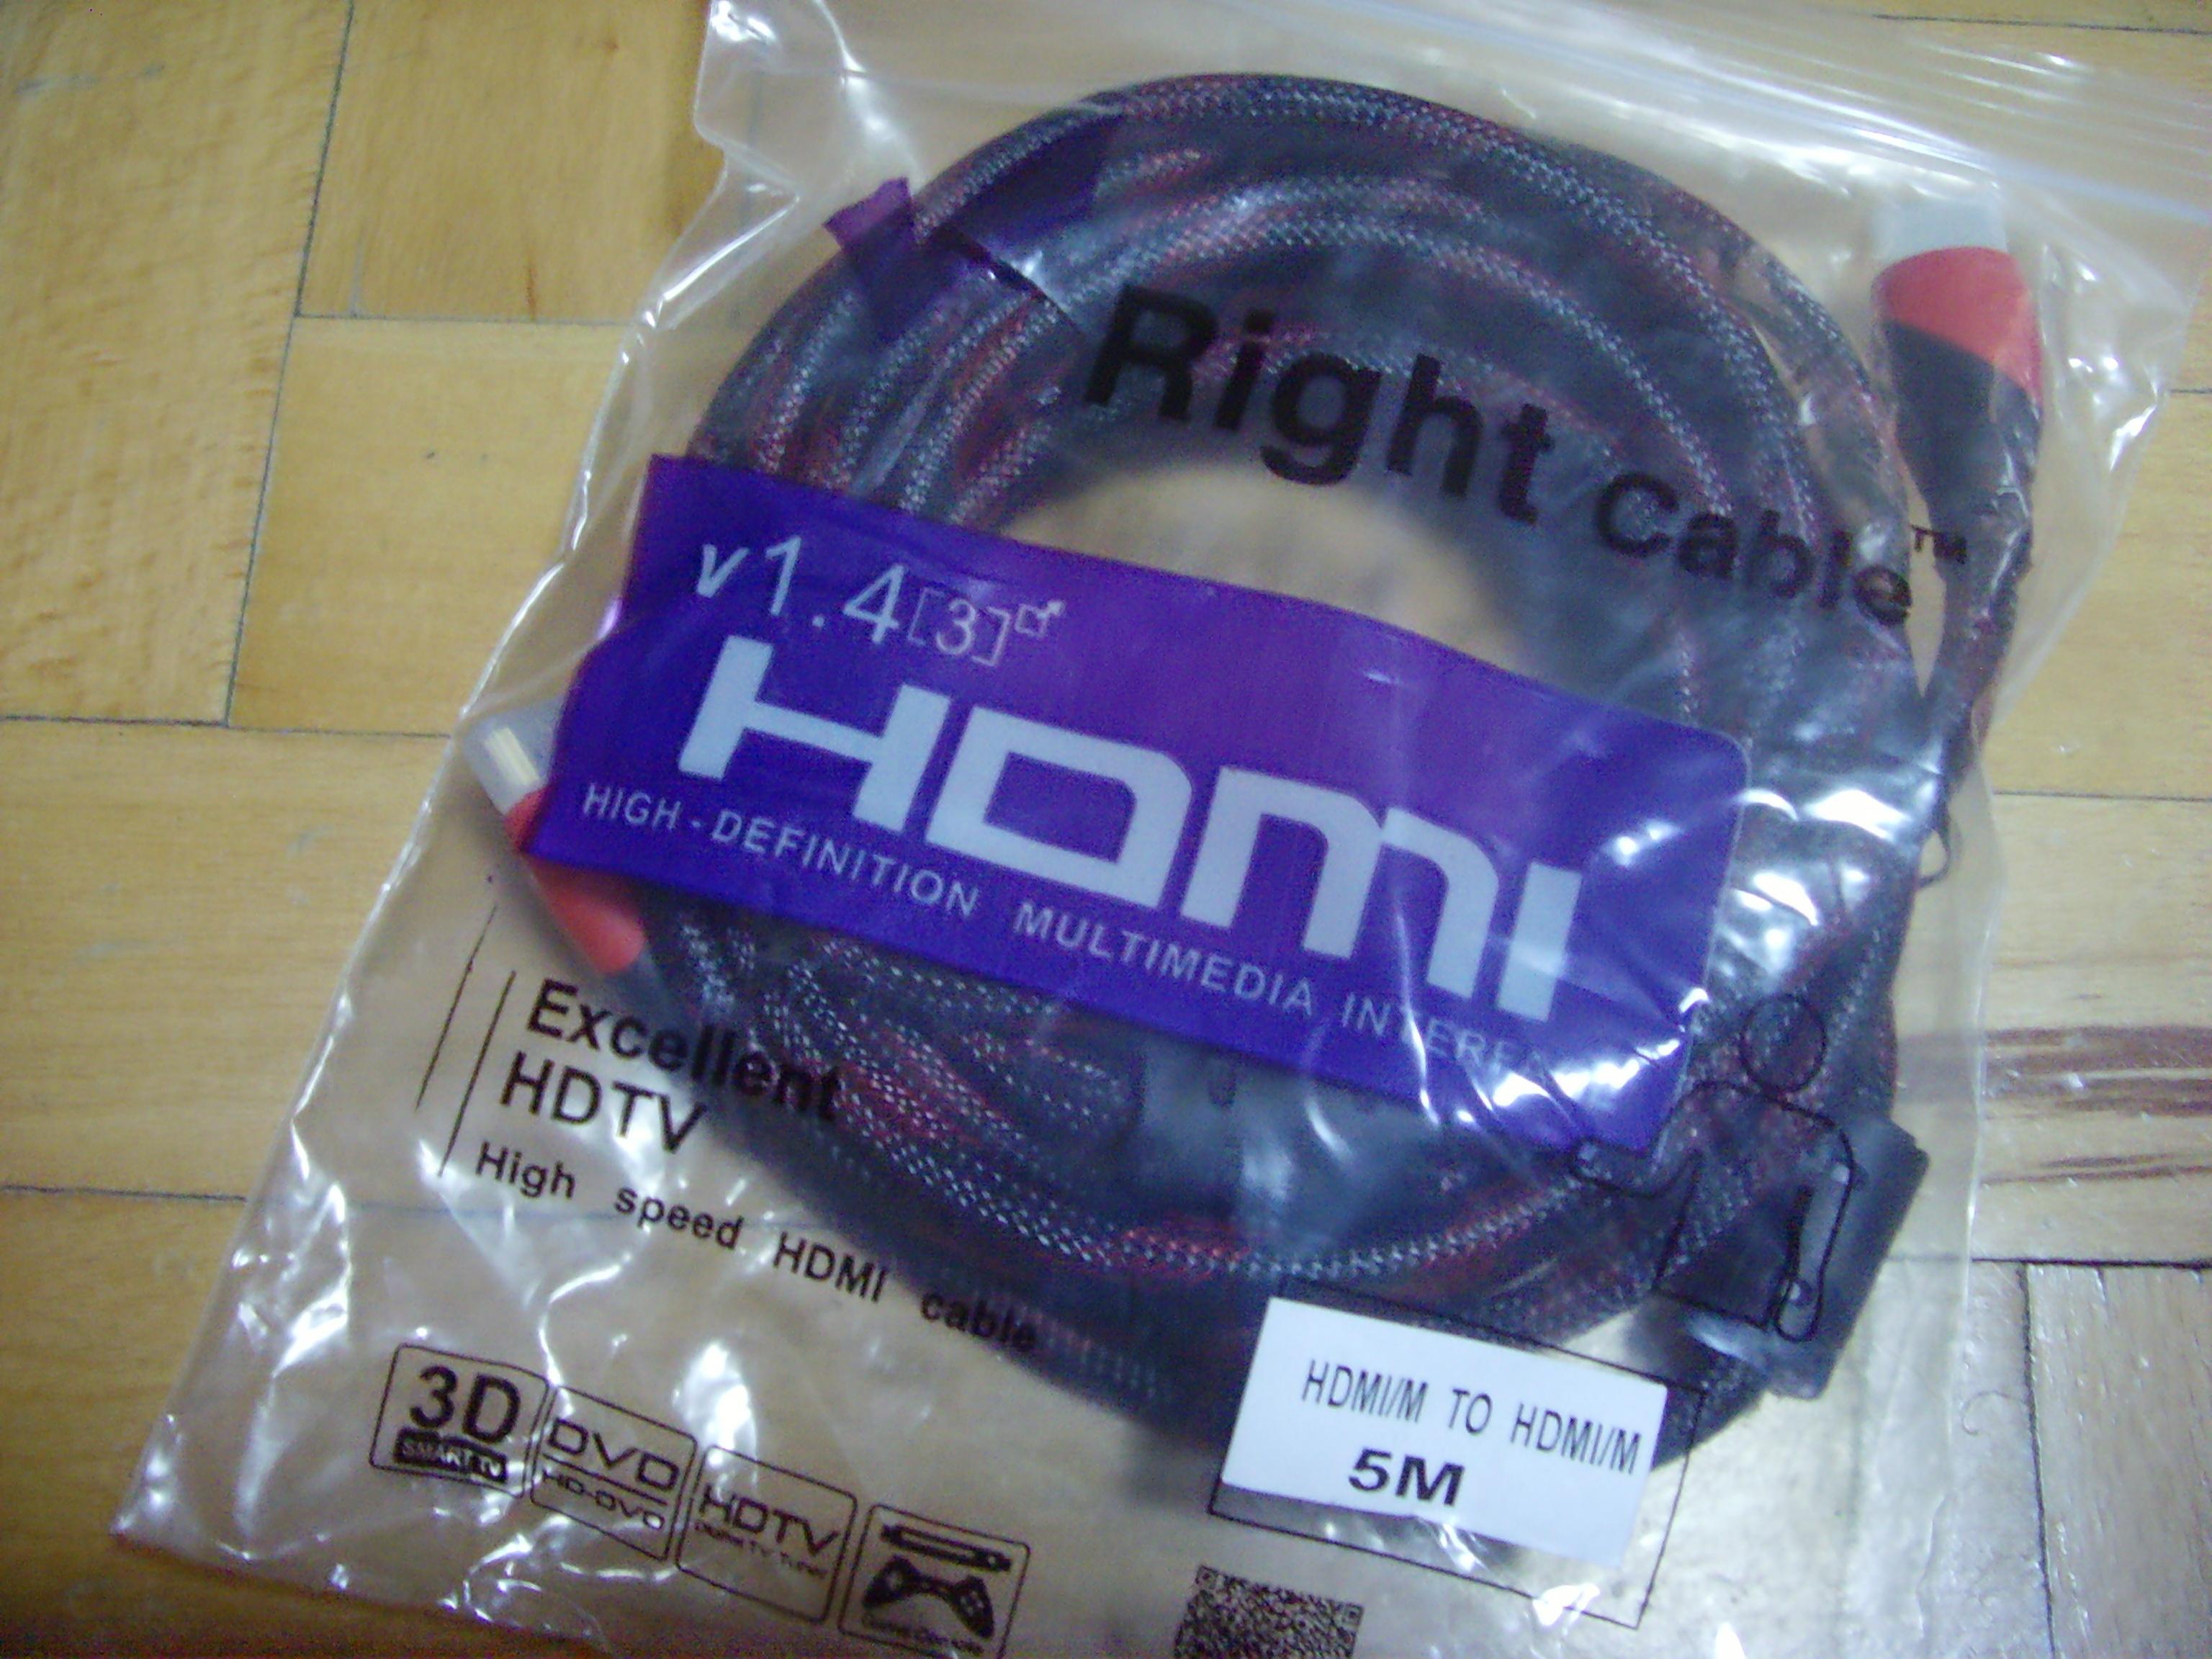 VAND CABLU HDMI 5M 5 METRI INVELIS TEXTIL ECRANAT CERTIFICAT 3D SI 3DTV 120 HZ NOU